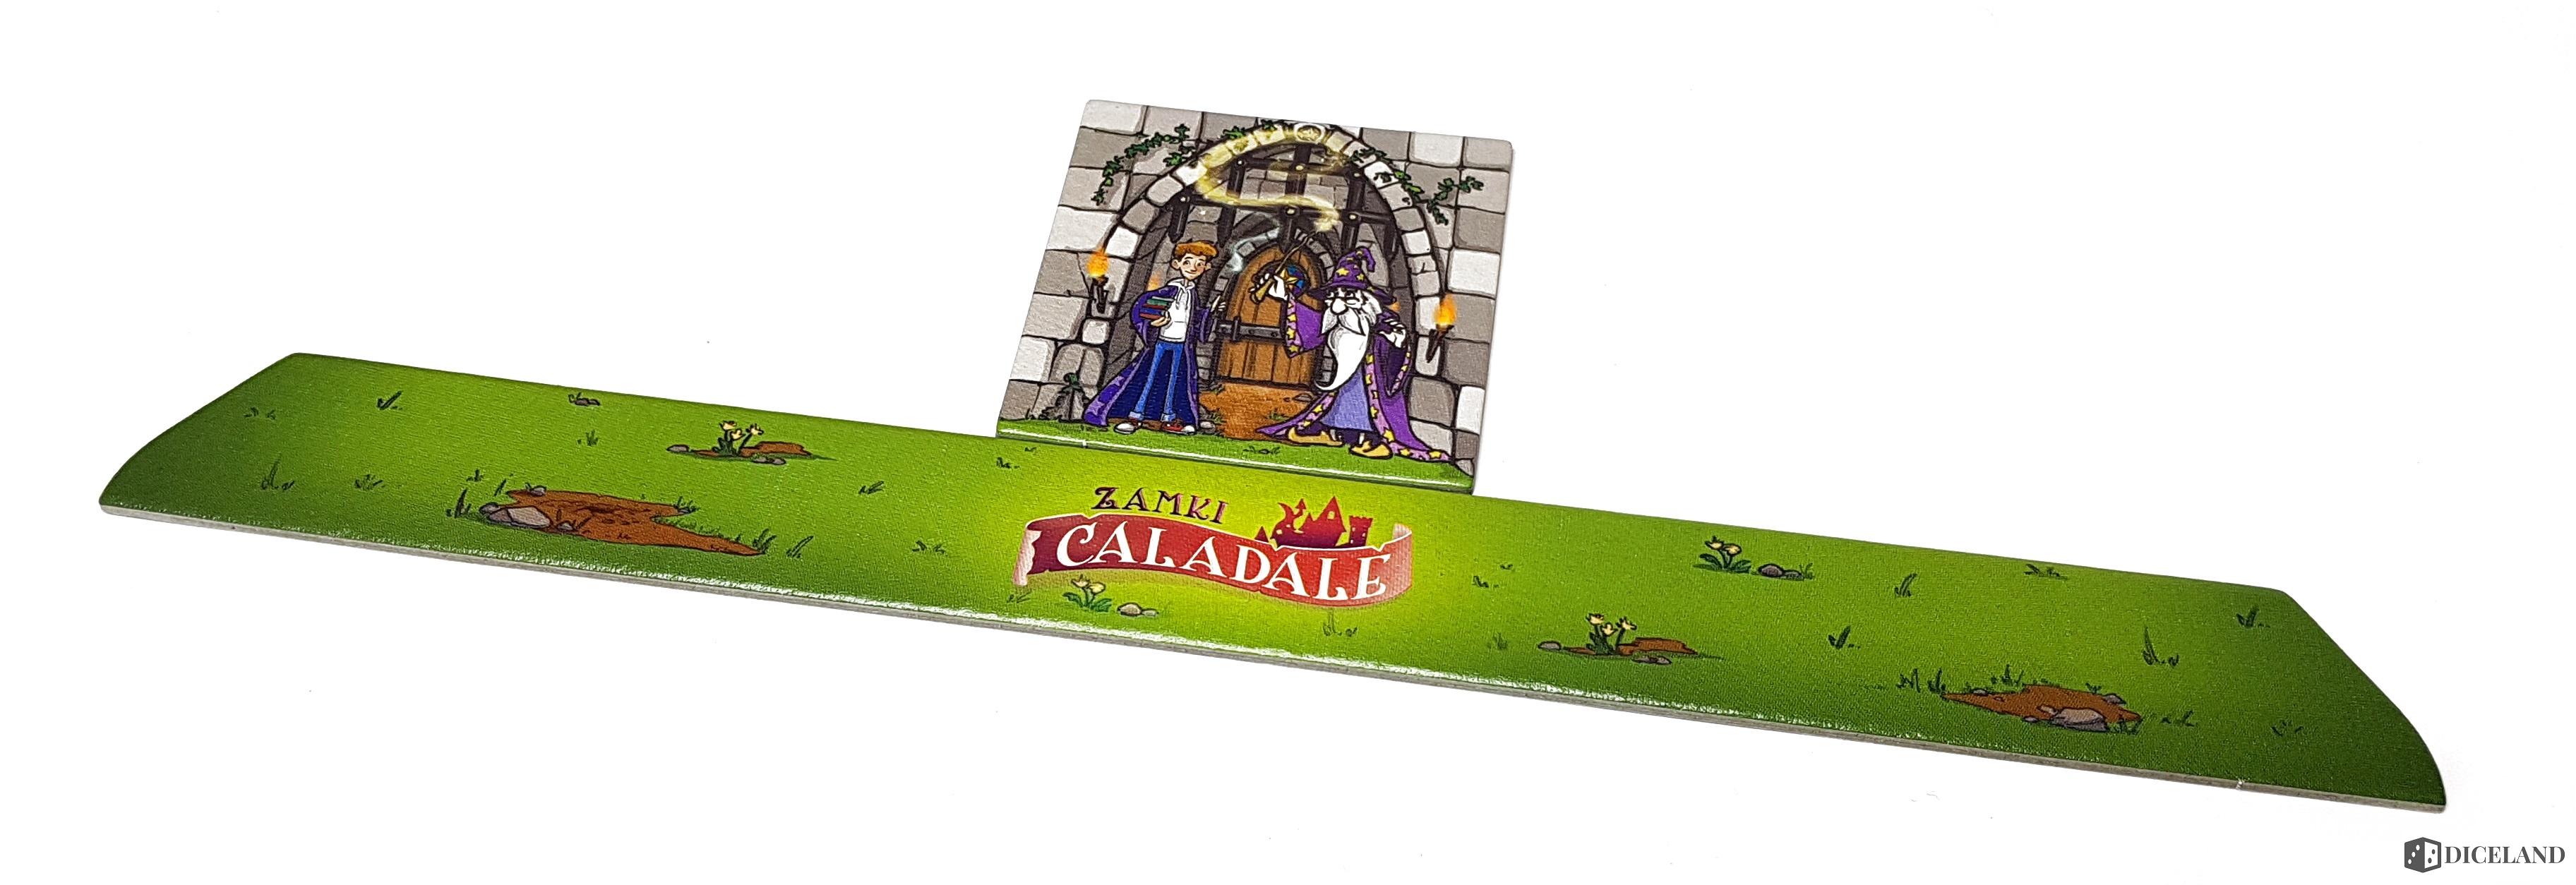 ZamkiCaladale 12 Recenzja #145 Zamki Caladale